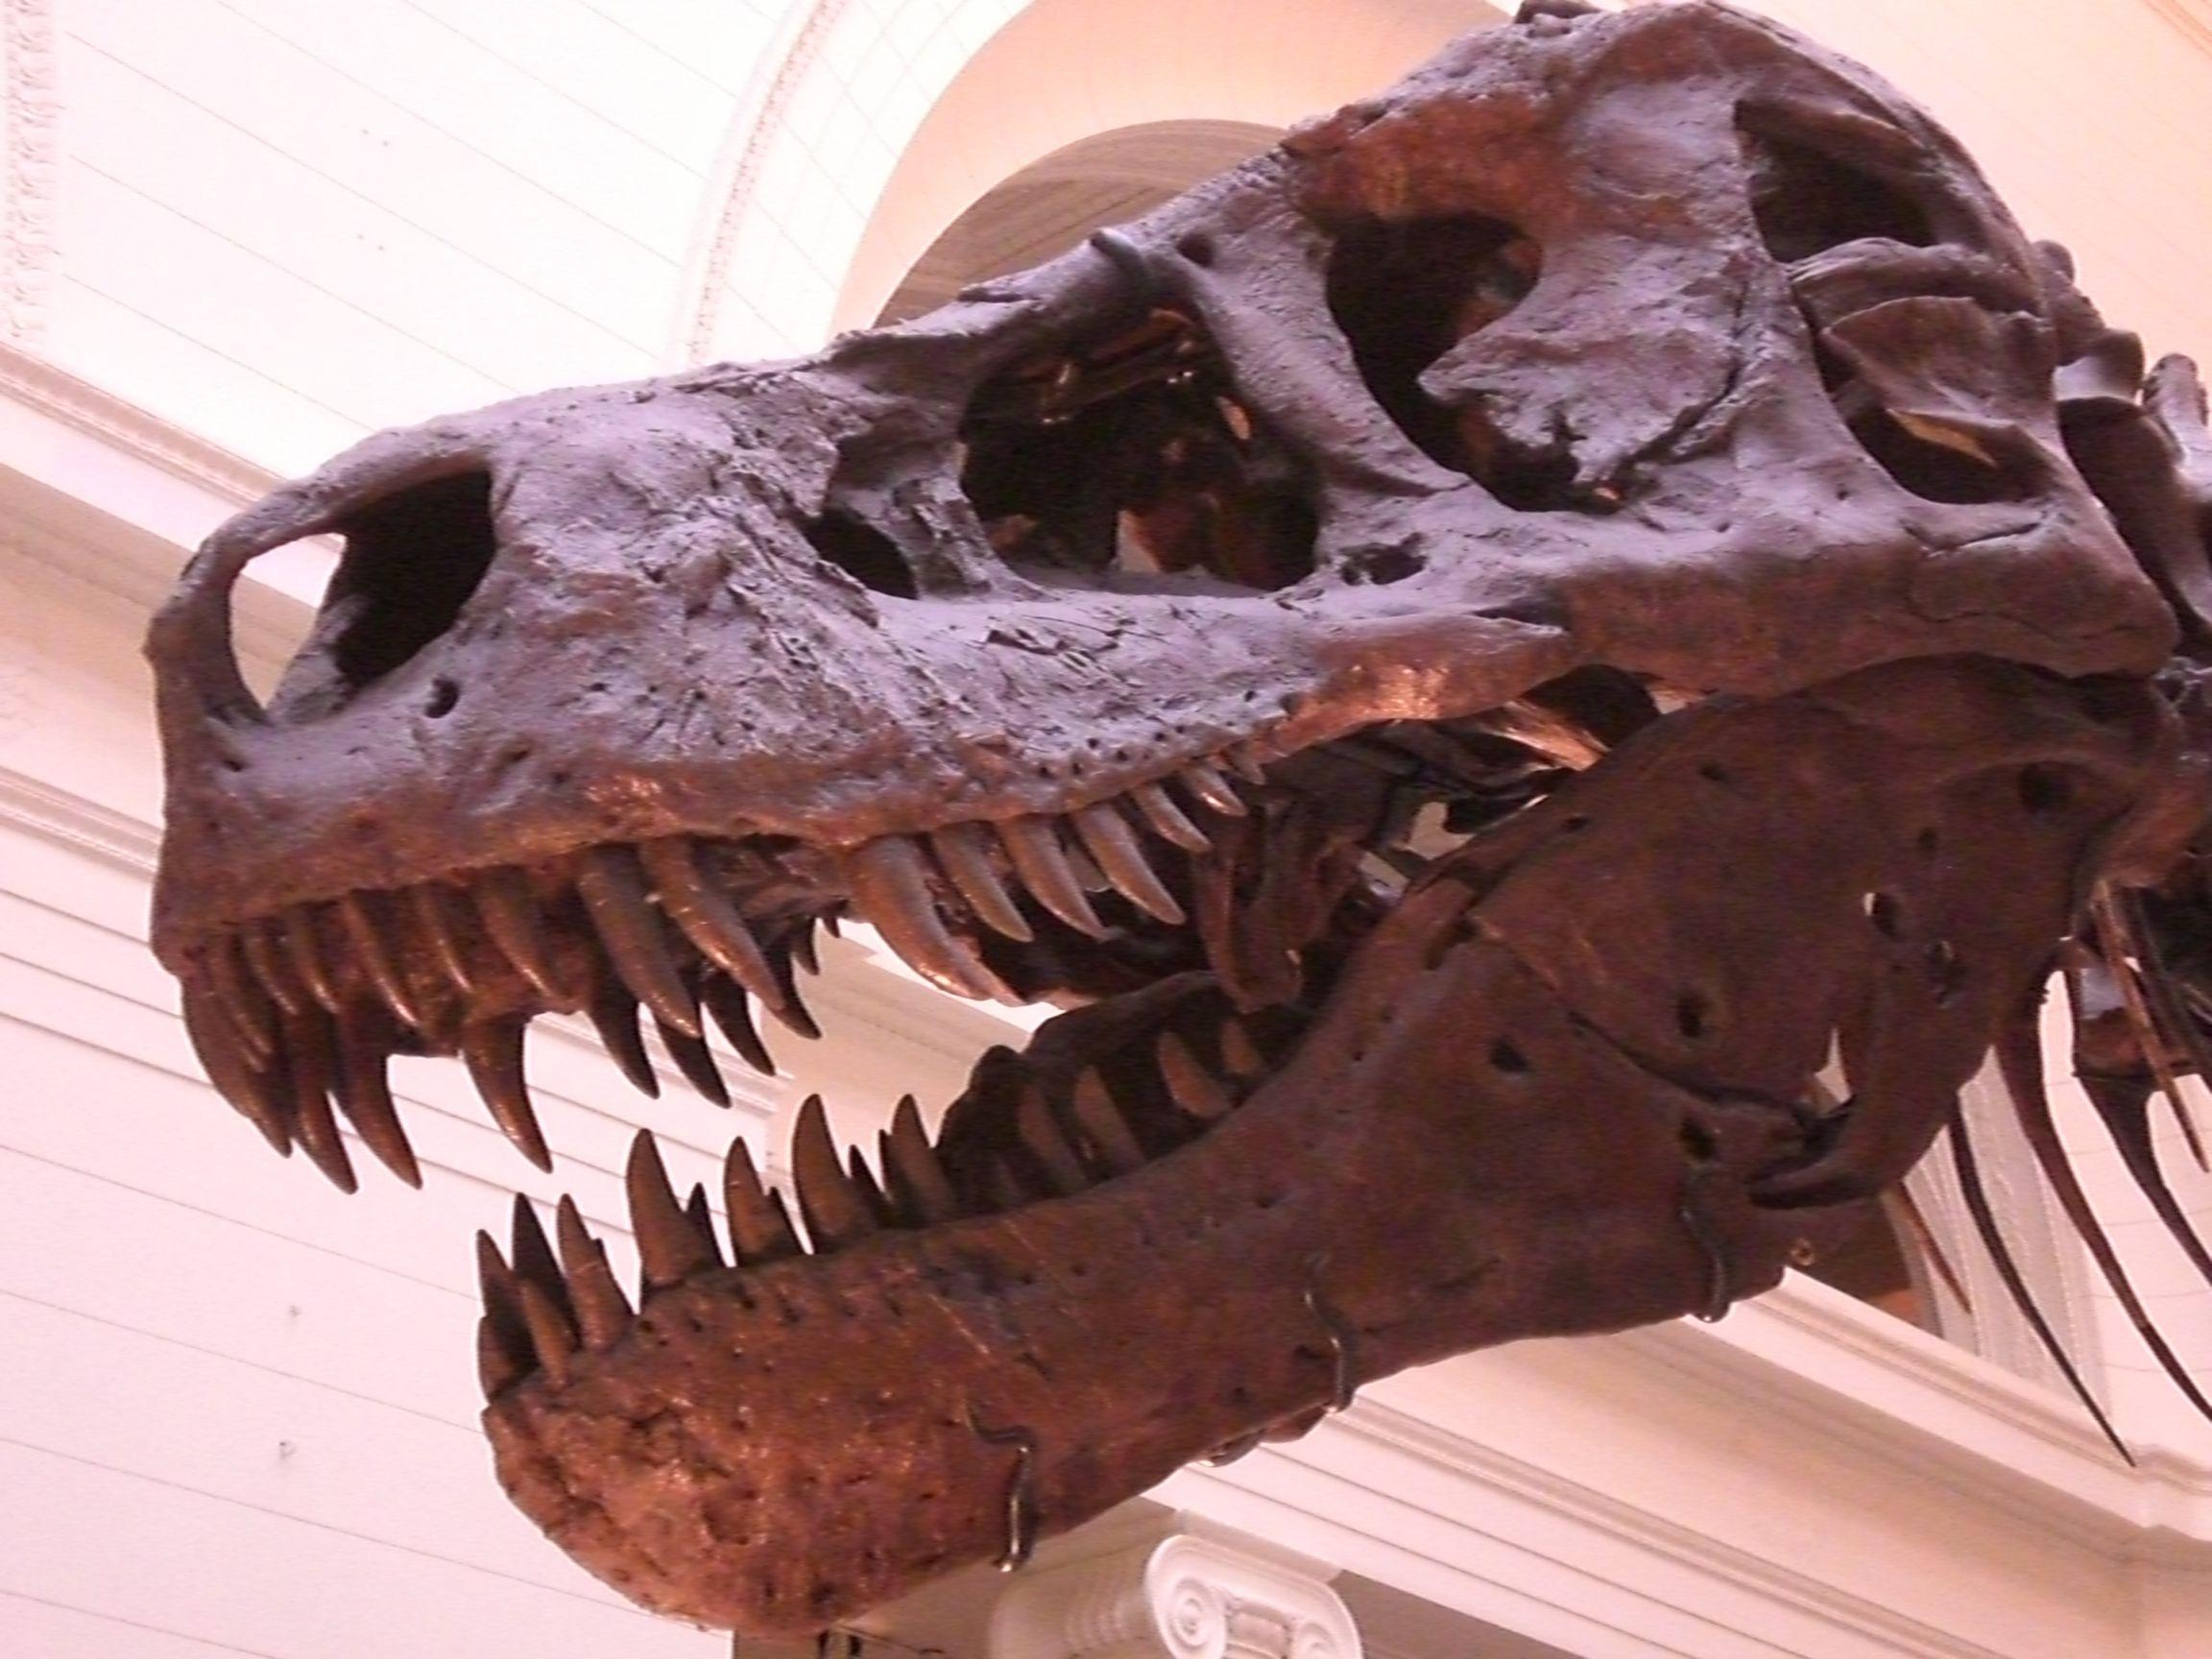 L'insospettabile leggerezza dei dinosauri    Pesi e taglie di questi animali preistorici, rettili e non, potrebbero essere parecchio inferiori di quanto finora pensato. Uno studio dell'Università di Manchester su Biology Letters  Leggi l'articolo su Galileo (http://www.galileonet.it/articles/4fd070f872b7ab589b000022)  Credit immagine: Caterina Visco